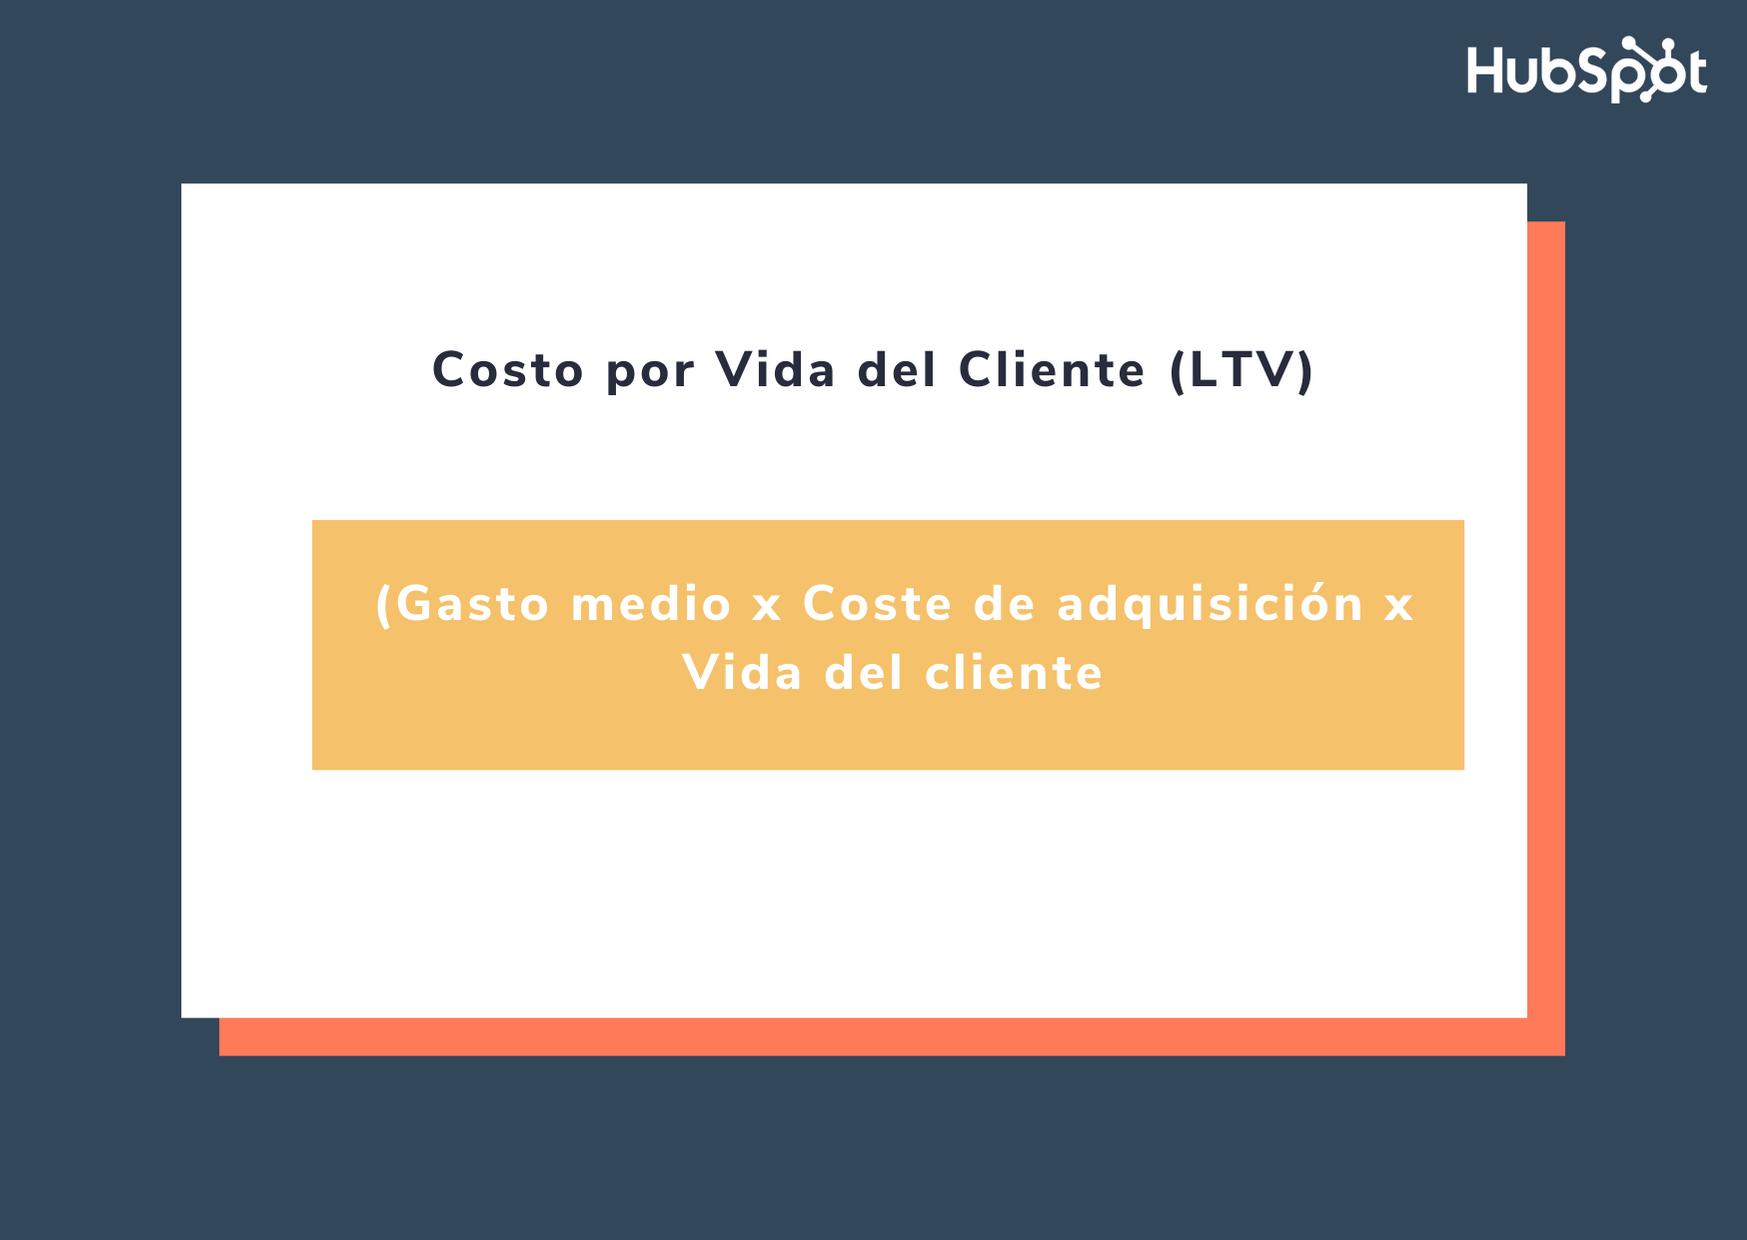 Fórmula del customer lifetime value o costo por vida del cliente